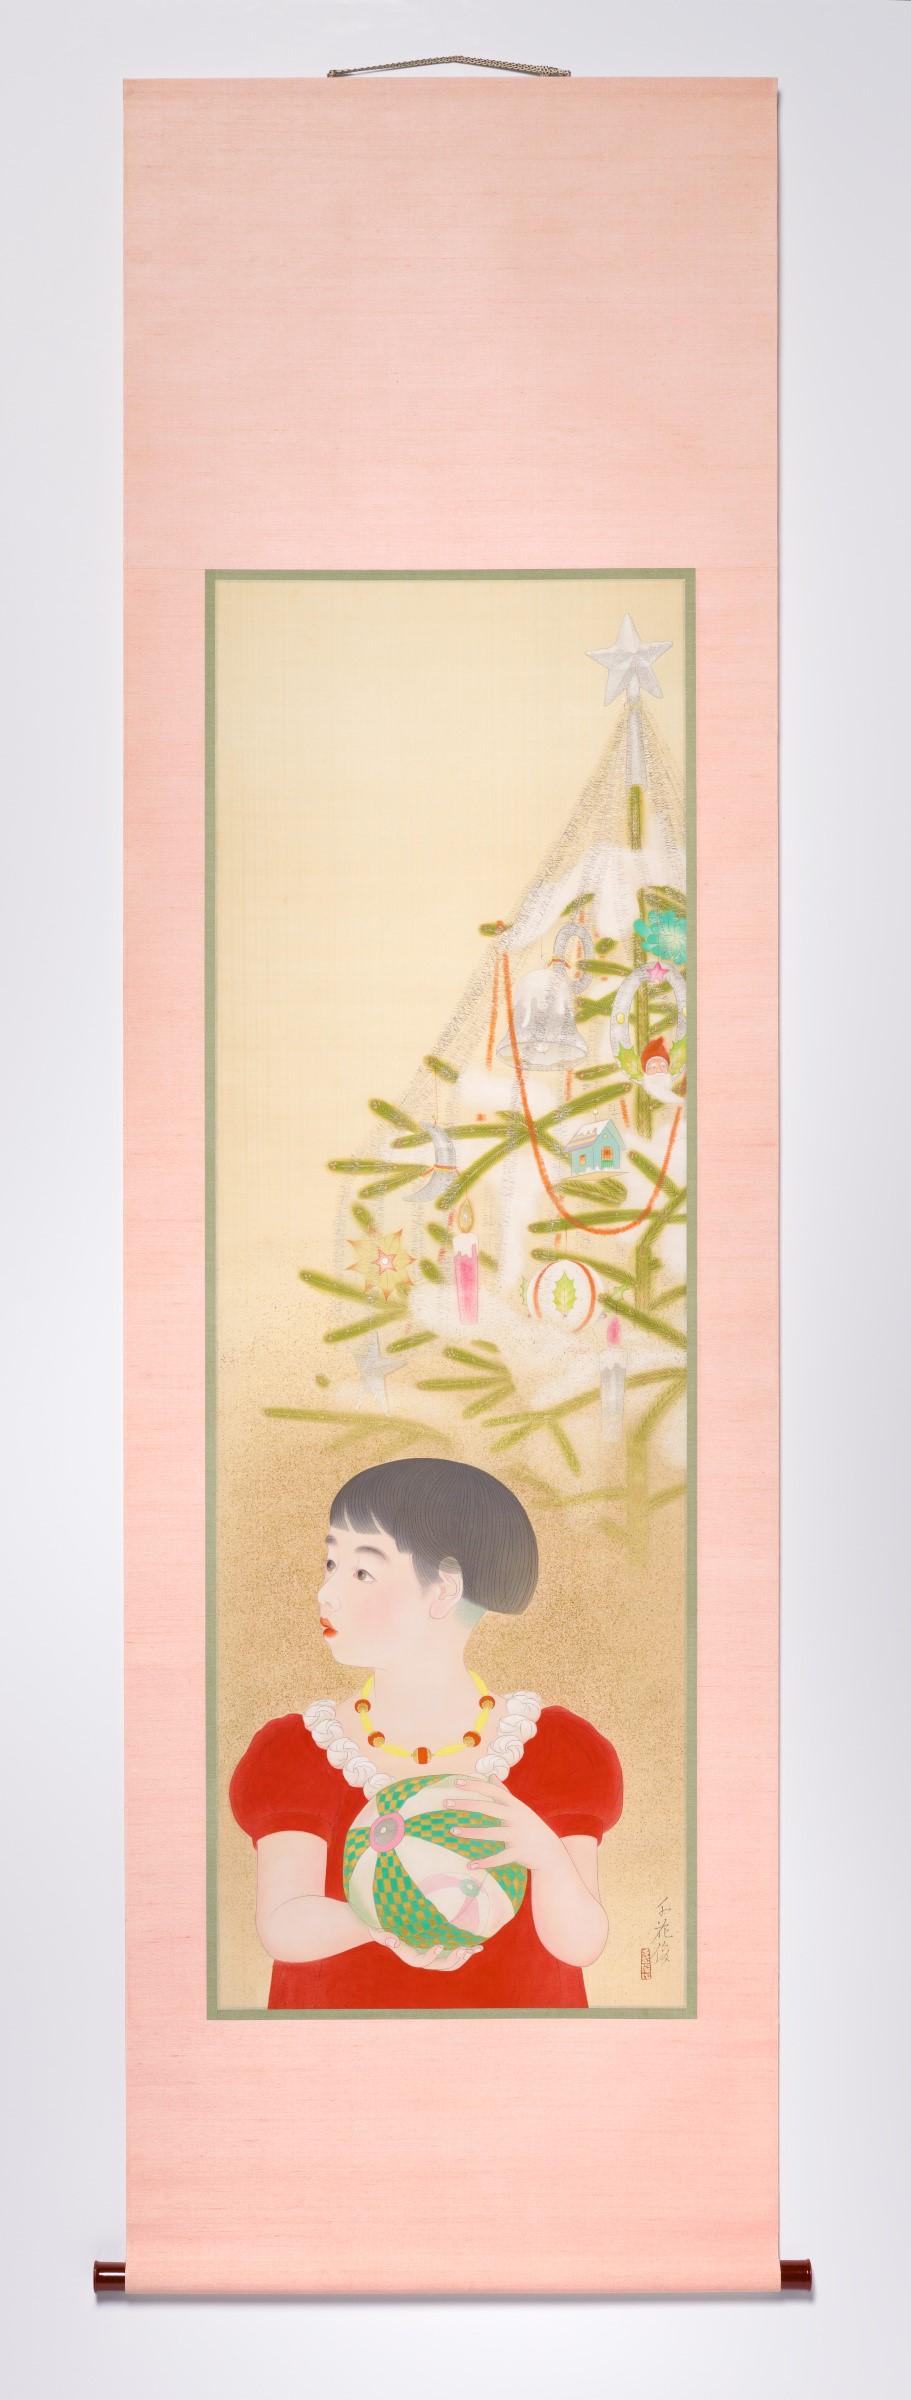 Enomoto Chikatoshi, Christmas Eve, c. 1933